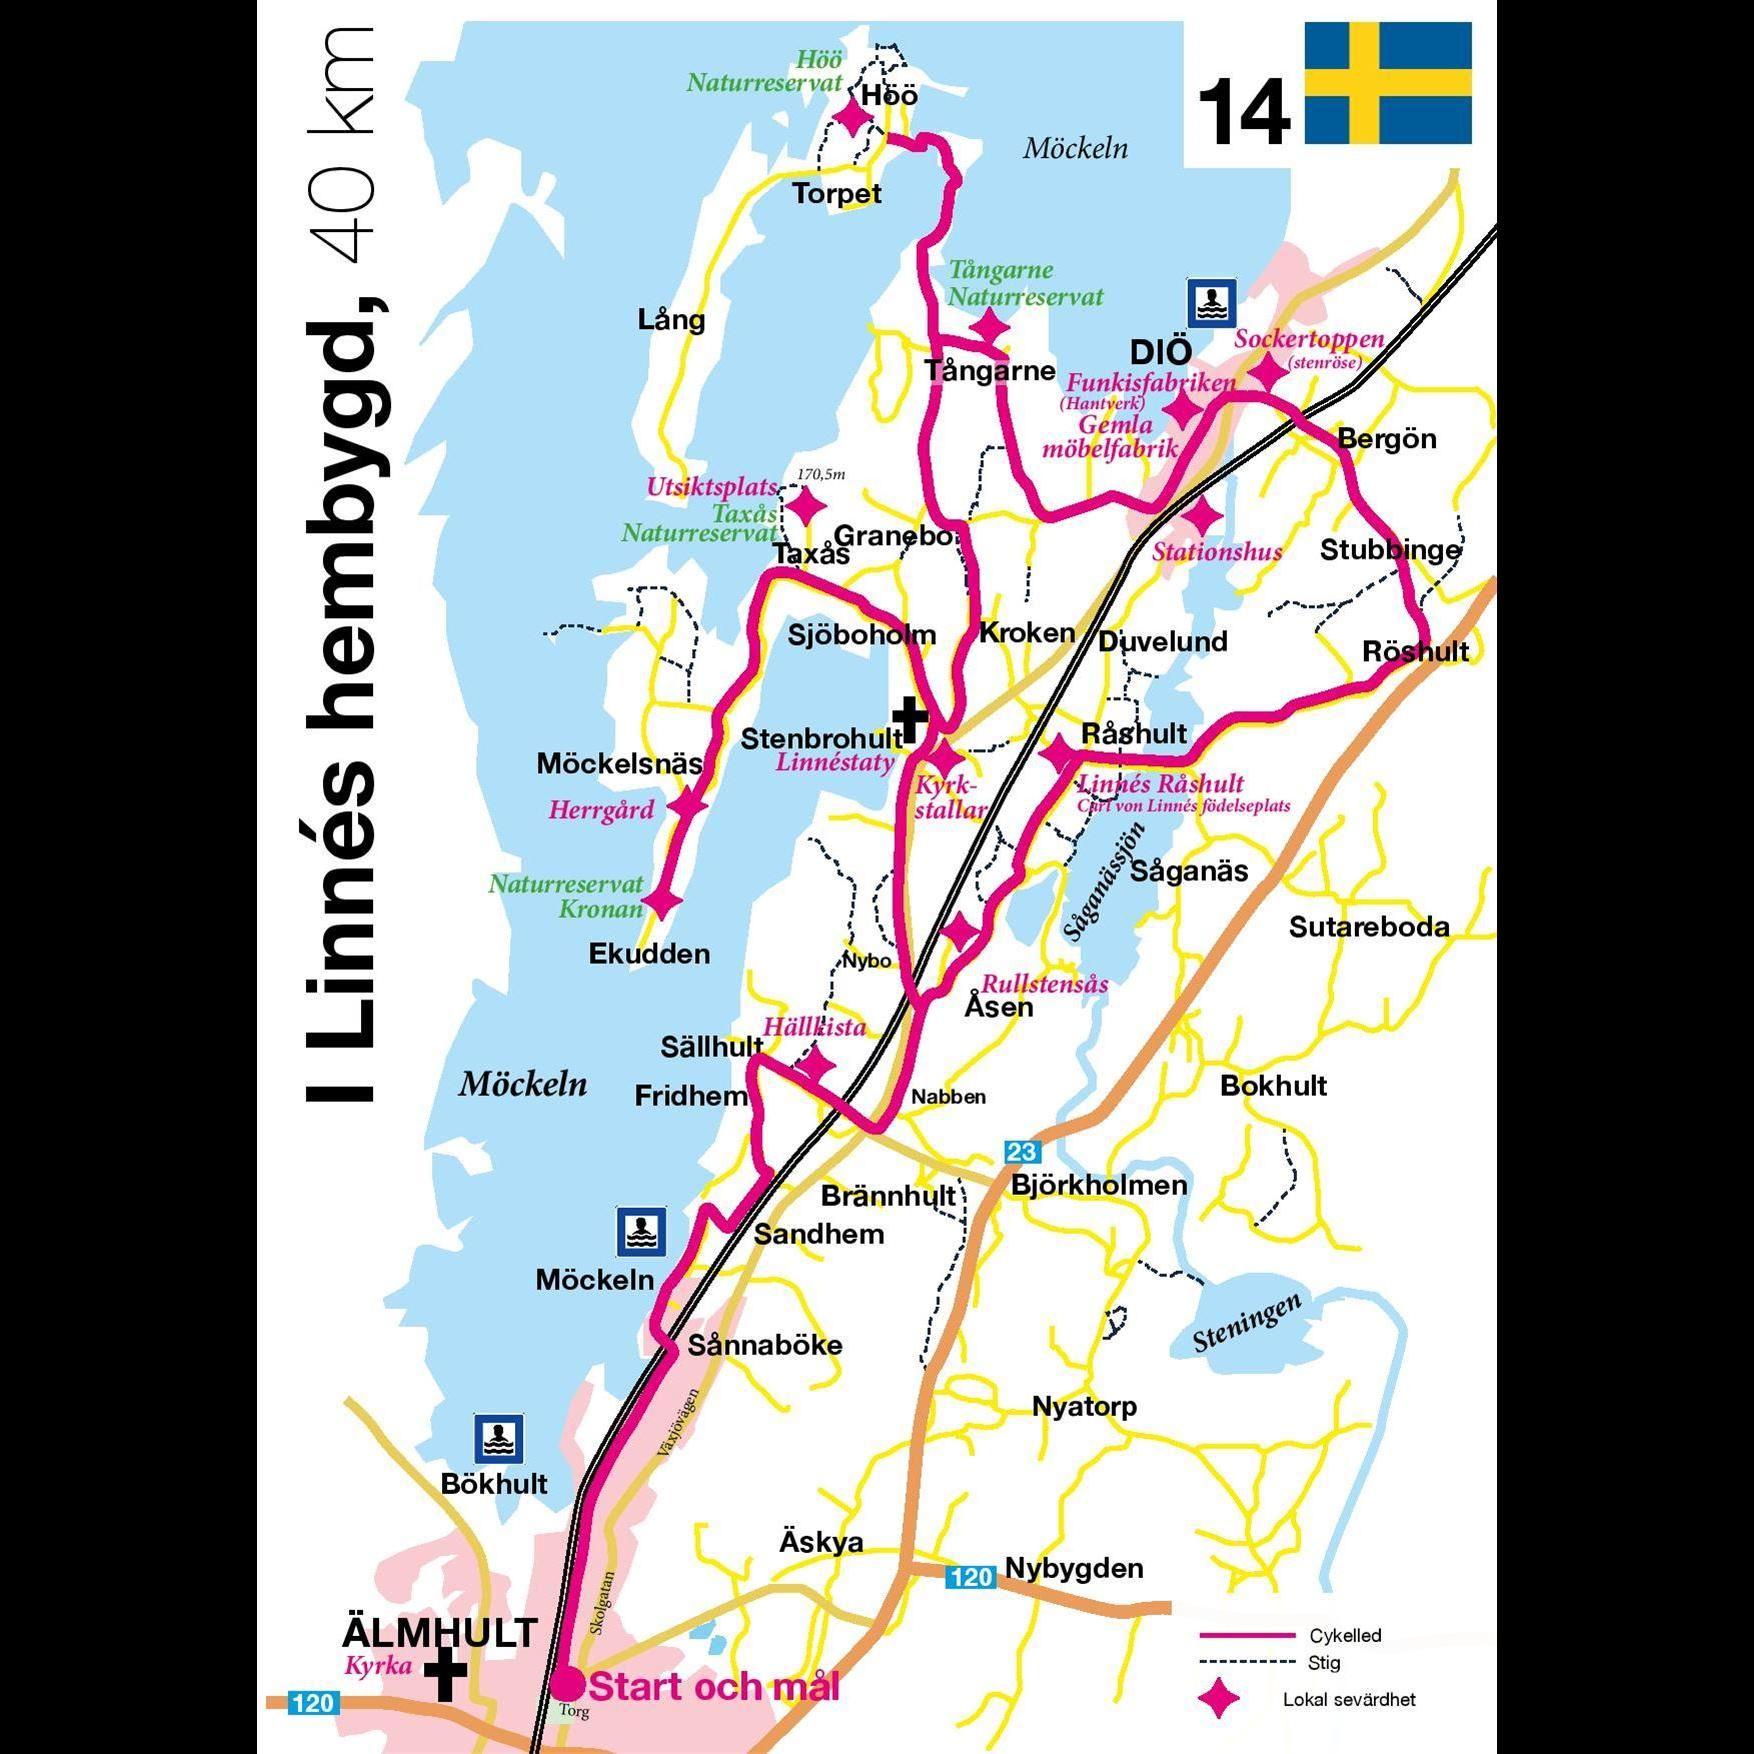 Cykeltur - I Linnés hembygd - 40 km